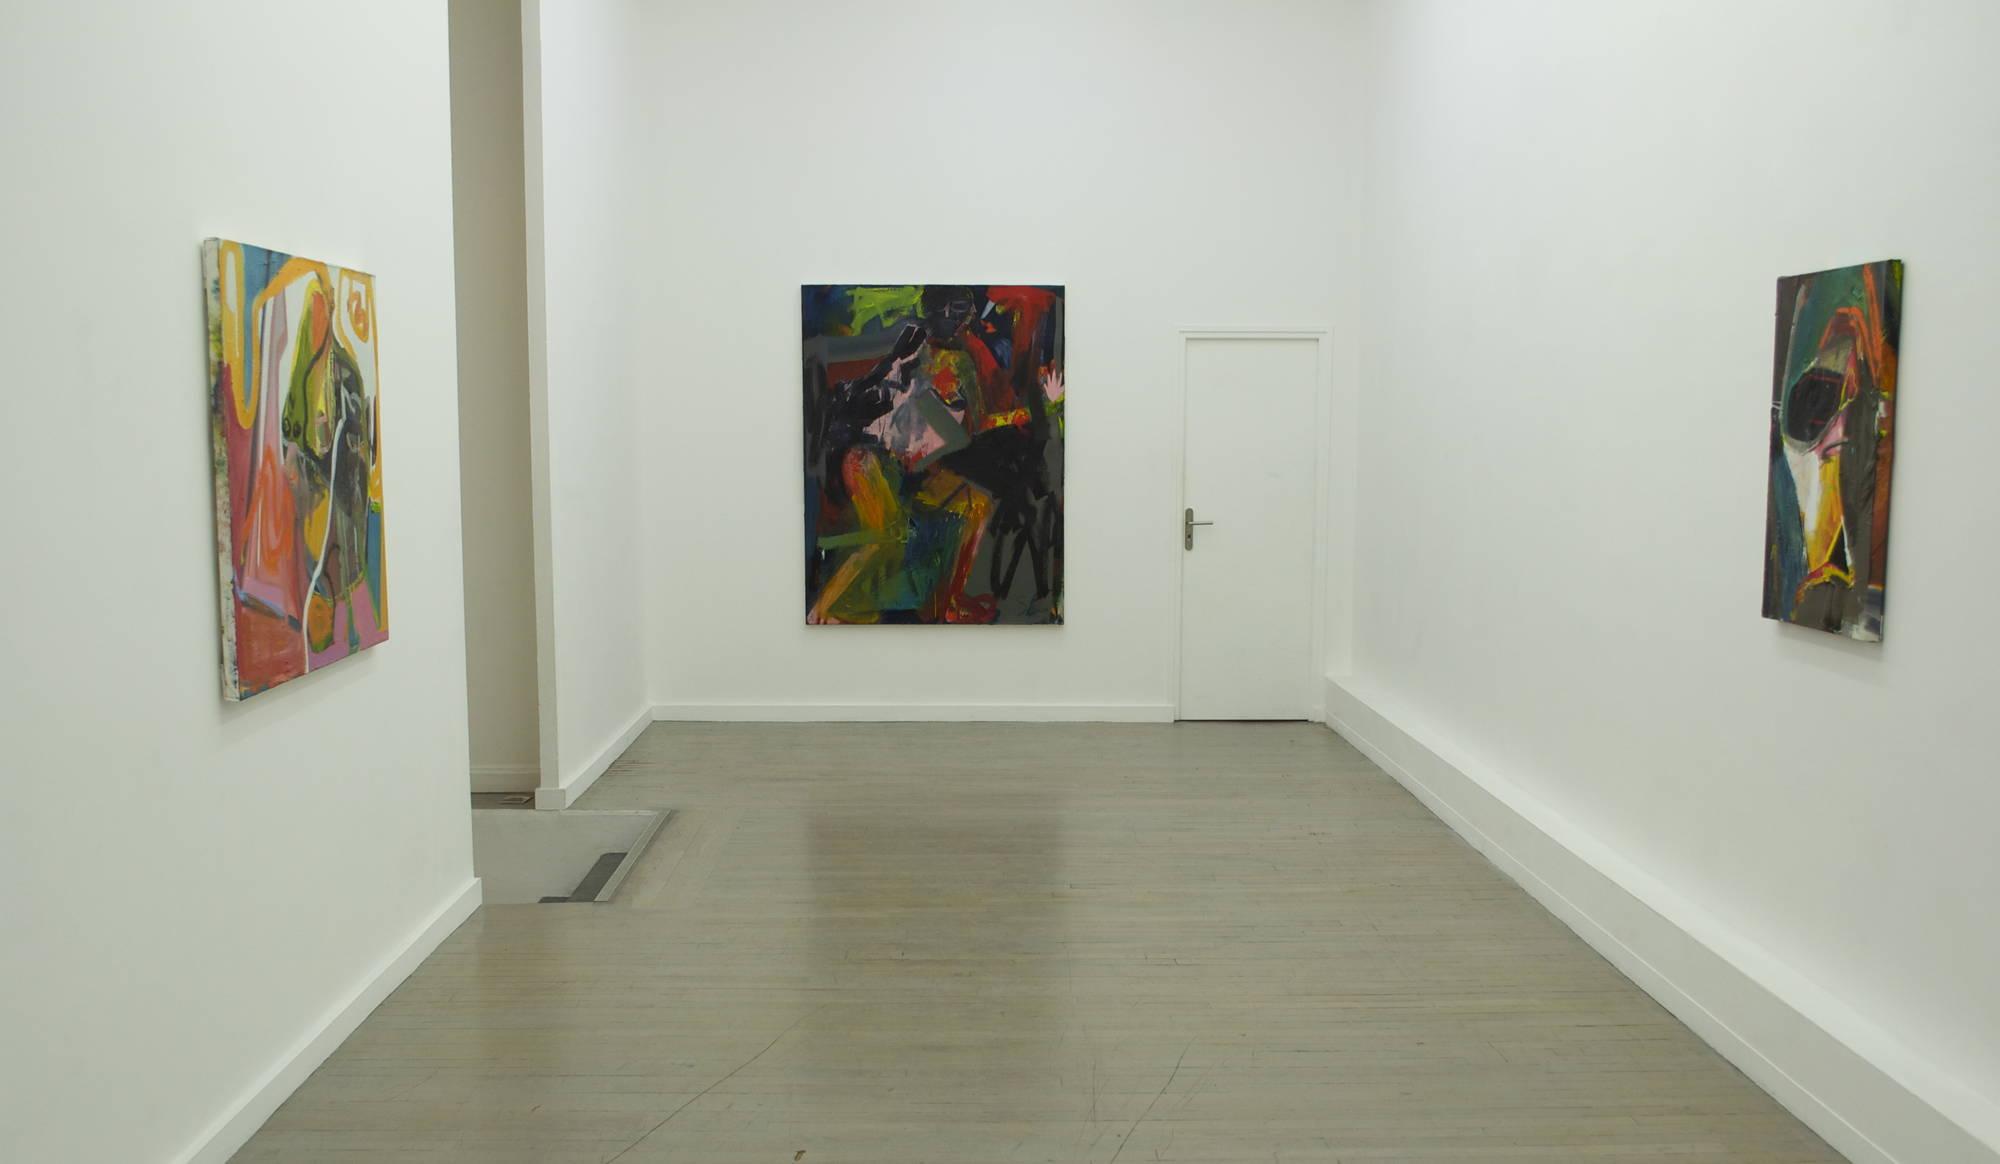 2_Sadie Laska Left Han 2012 paris 128